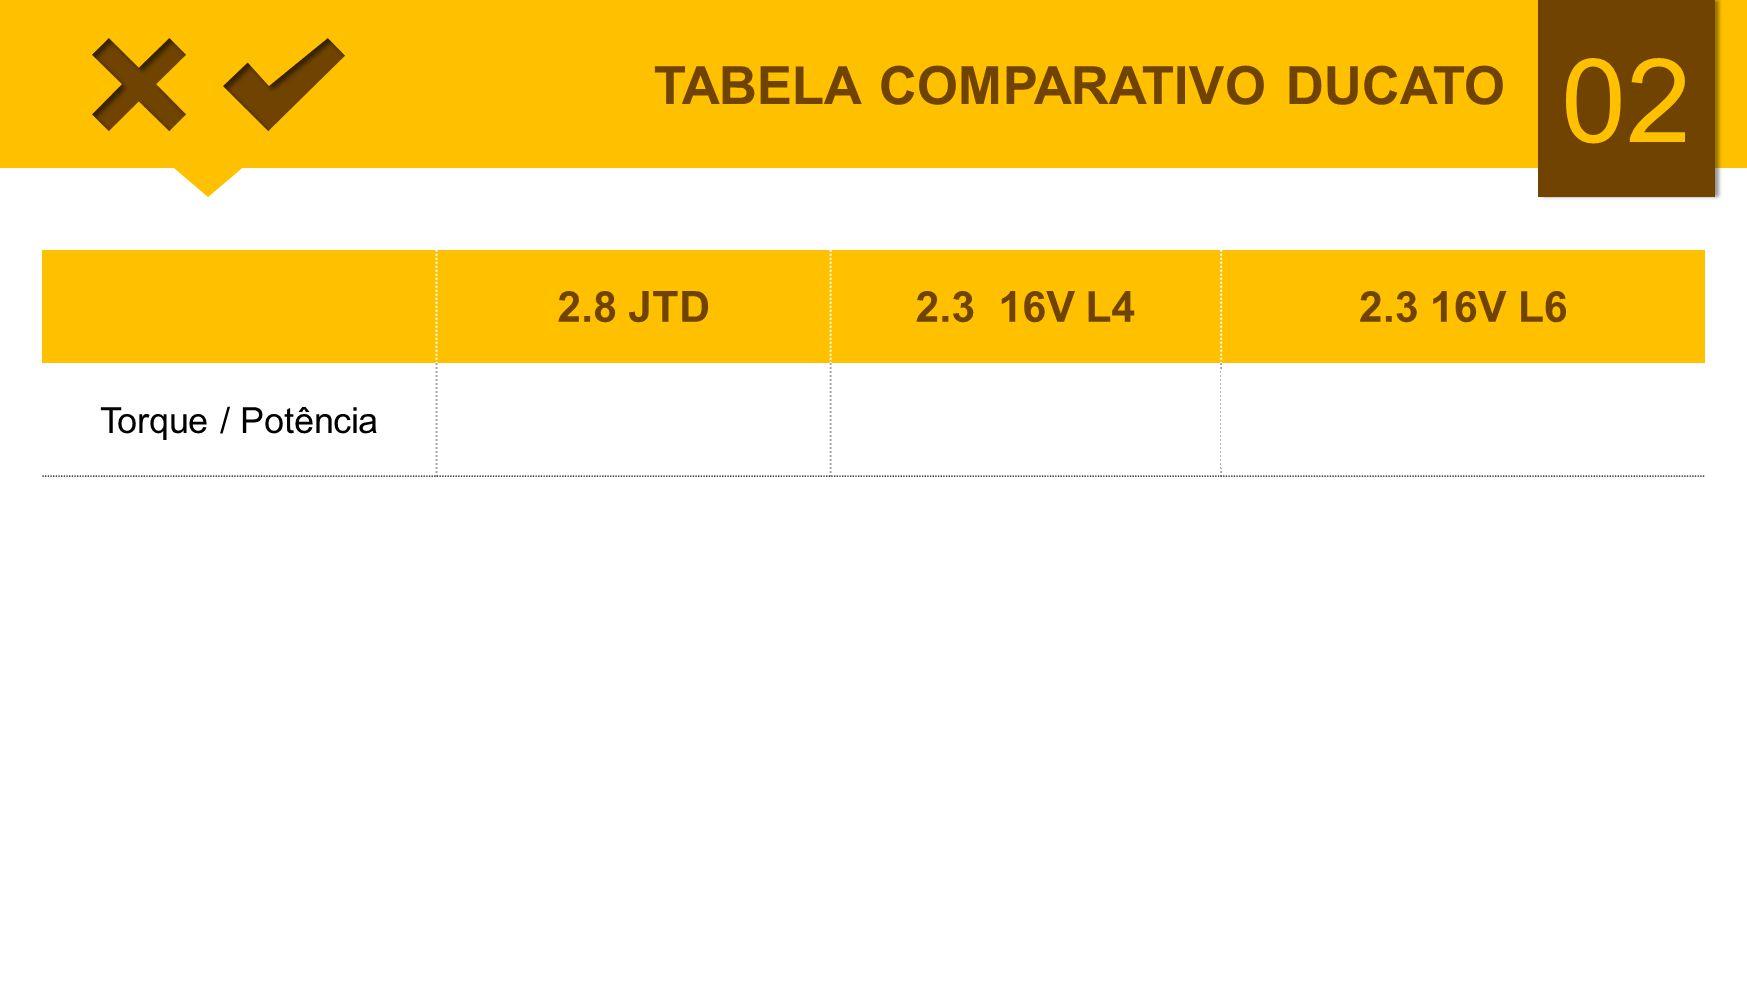 02 TABELA COMPARATIVO DUCATO 2.8 JTD2.3 16V L42.3 16V L6 Torque / Potência30,6/127 32,6 / 127